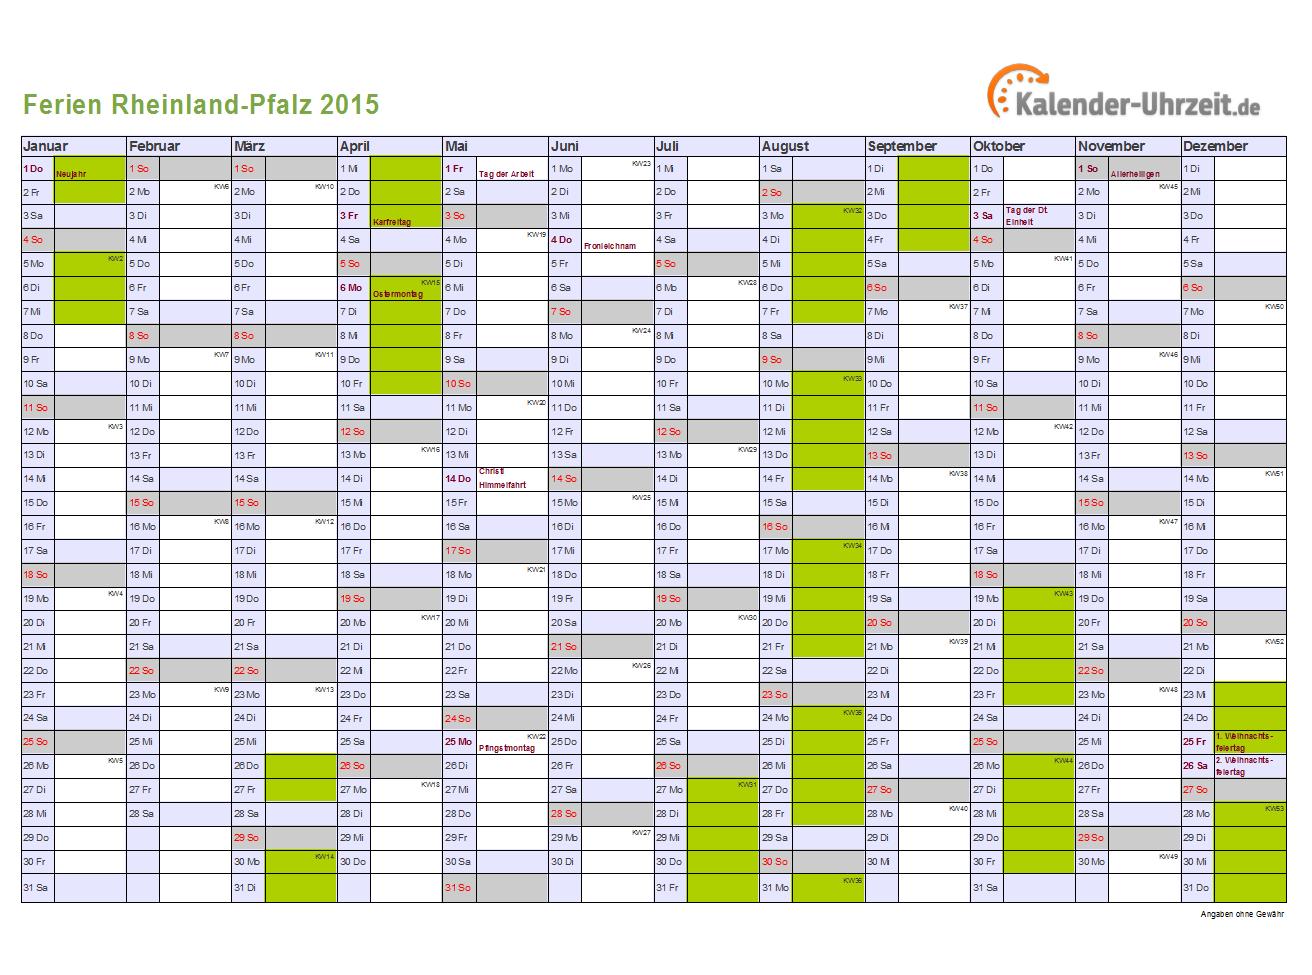 Ferien Rheinland-Pfalz 2016 - Ferienkalender zum Ausdrucken